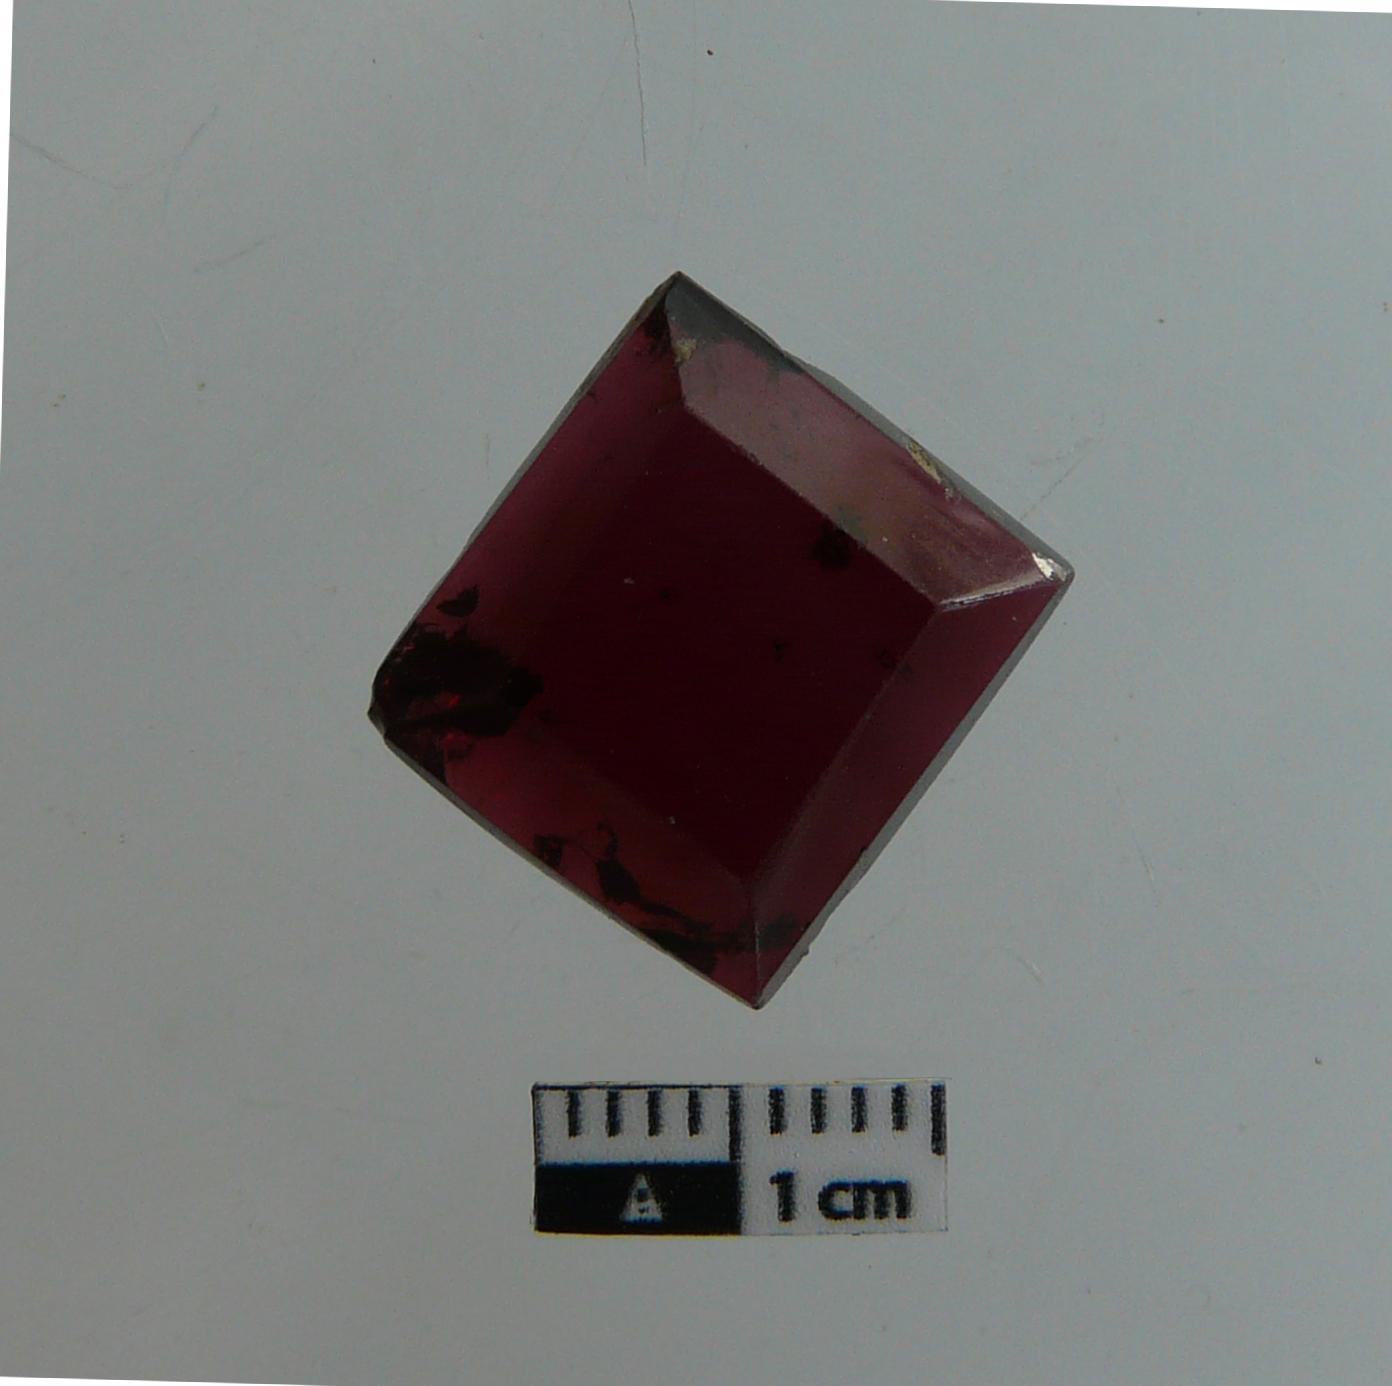 Granat encastat pertanyent a un anell o segell (segles IX-X). Foto: SABCN